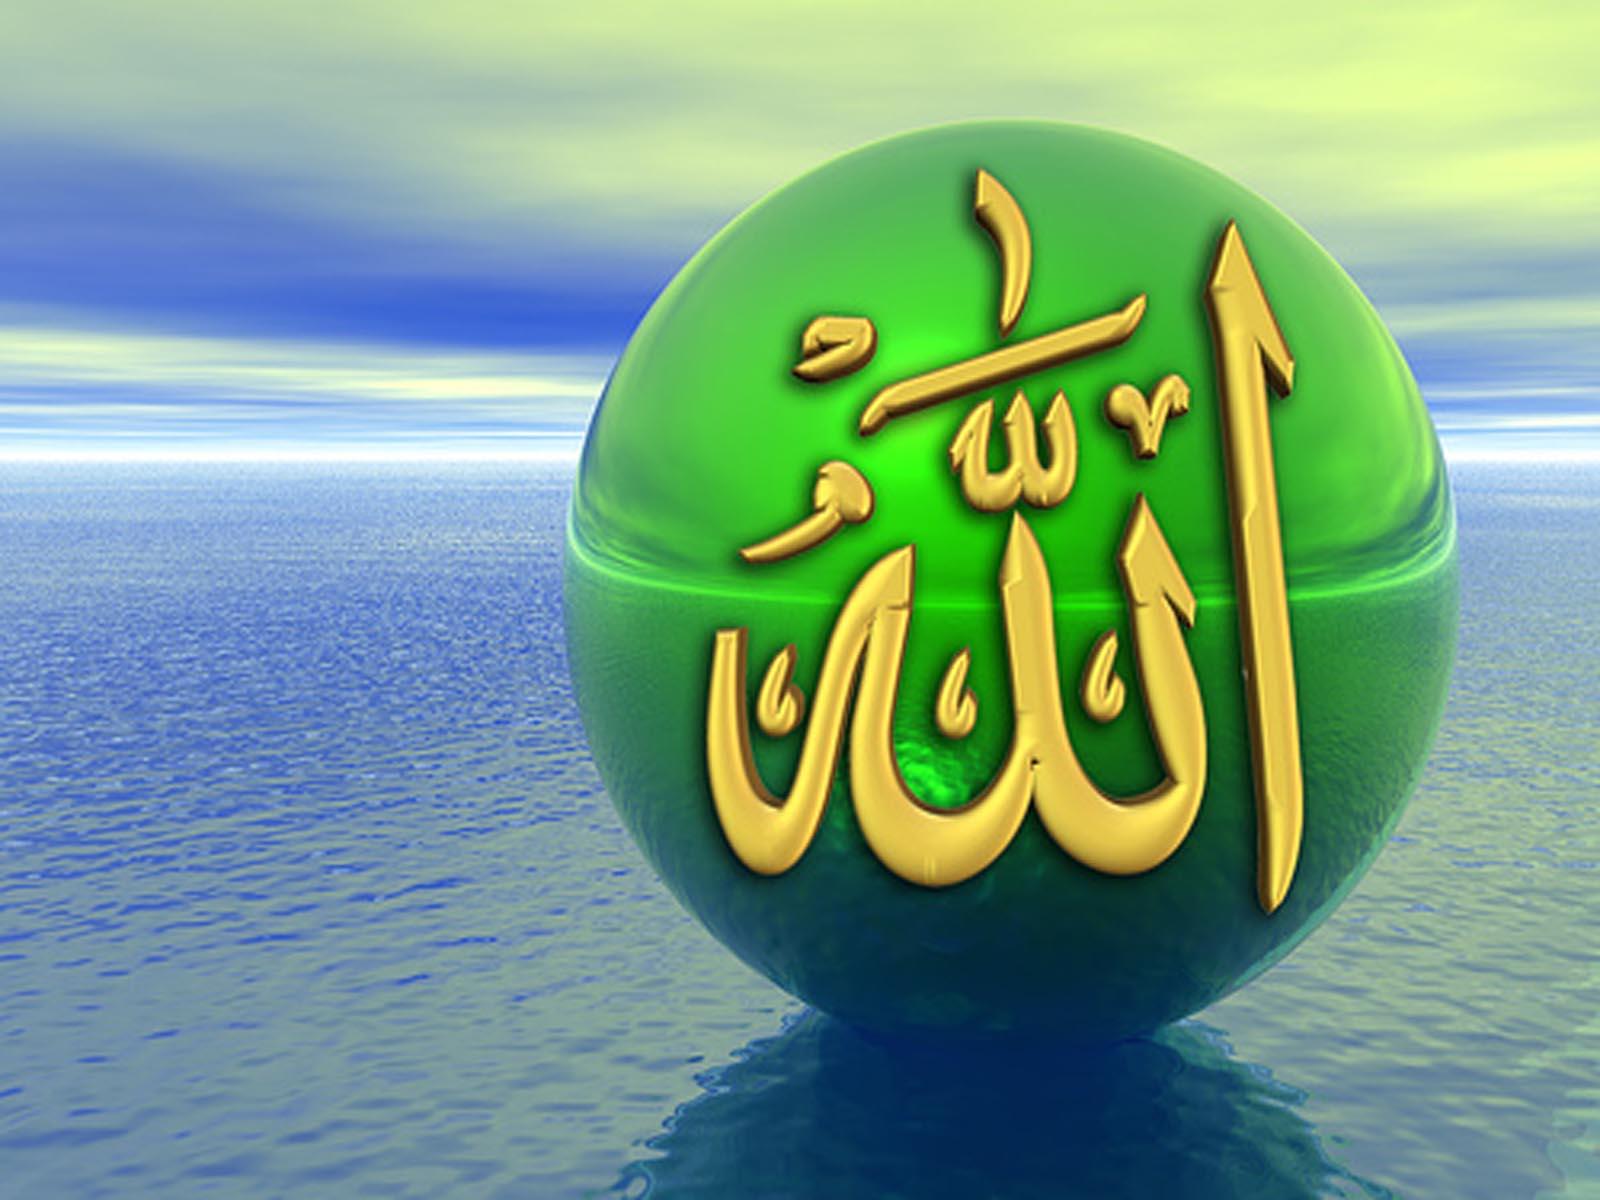 allah name wallpaper 1 allah name wallpaper 2 allah name wallpaper 3 1600x1200